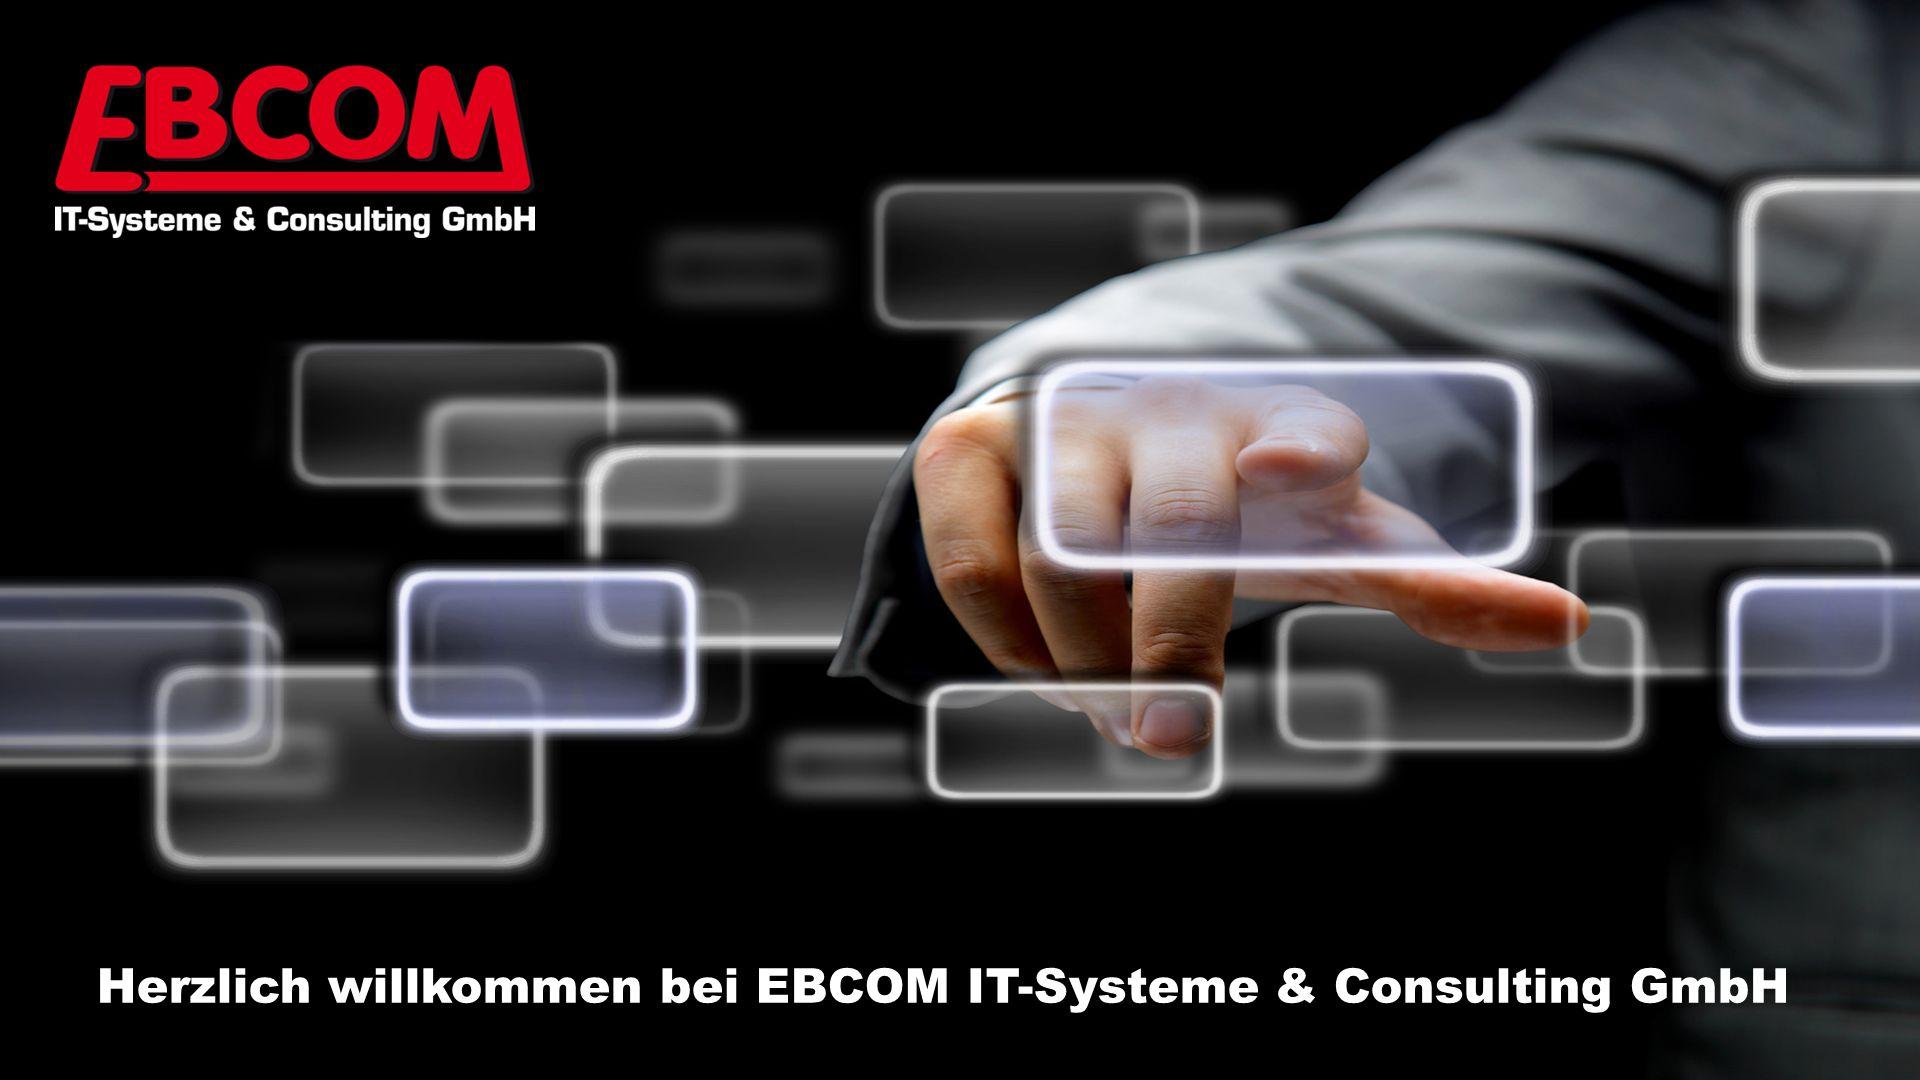 Ebcom – Wir über uns Herzlich willkommen bei EBCOM IT-Systeme & Consulting GmbH Labordatenverwaltung - Swietelski Bau GmbH